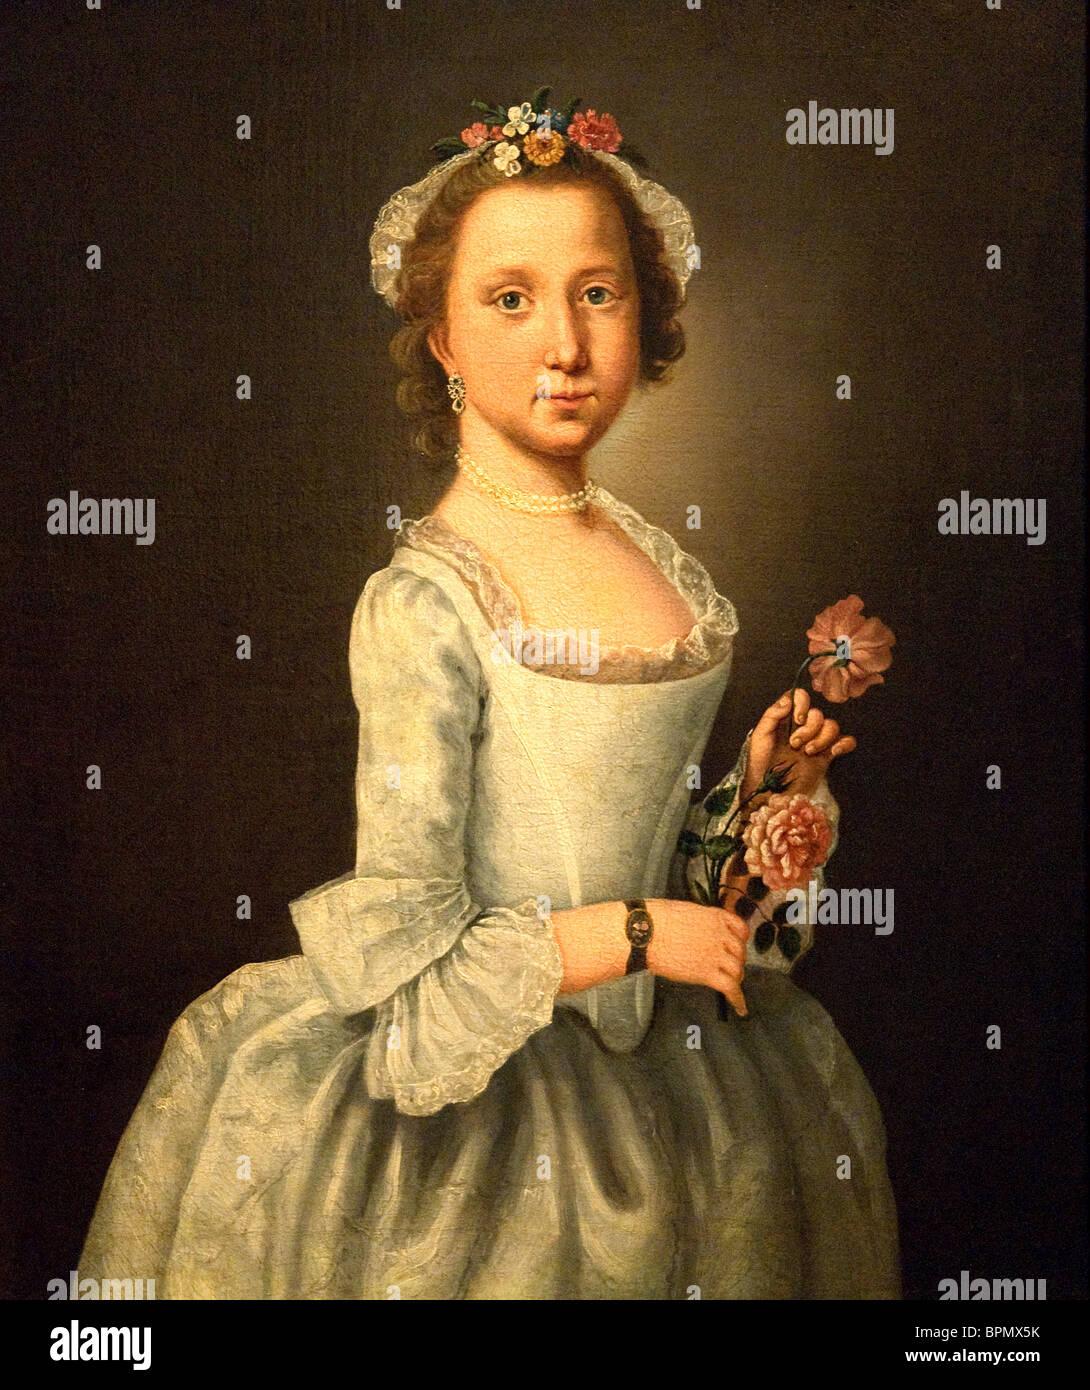 Retrato de una dama, 1764, por Lawrence Kilburn (o Kilbrunn) Imagen De Stock